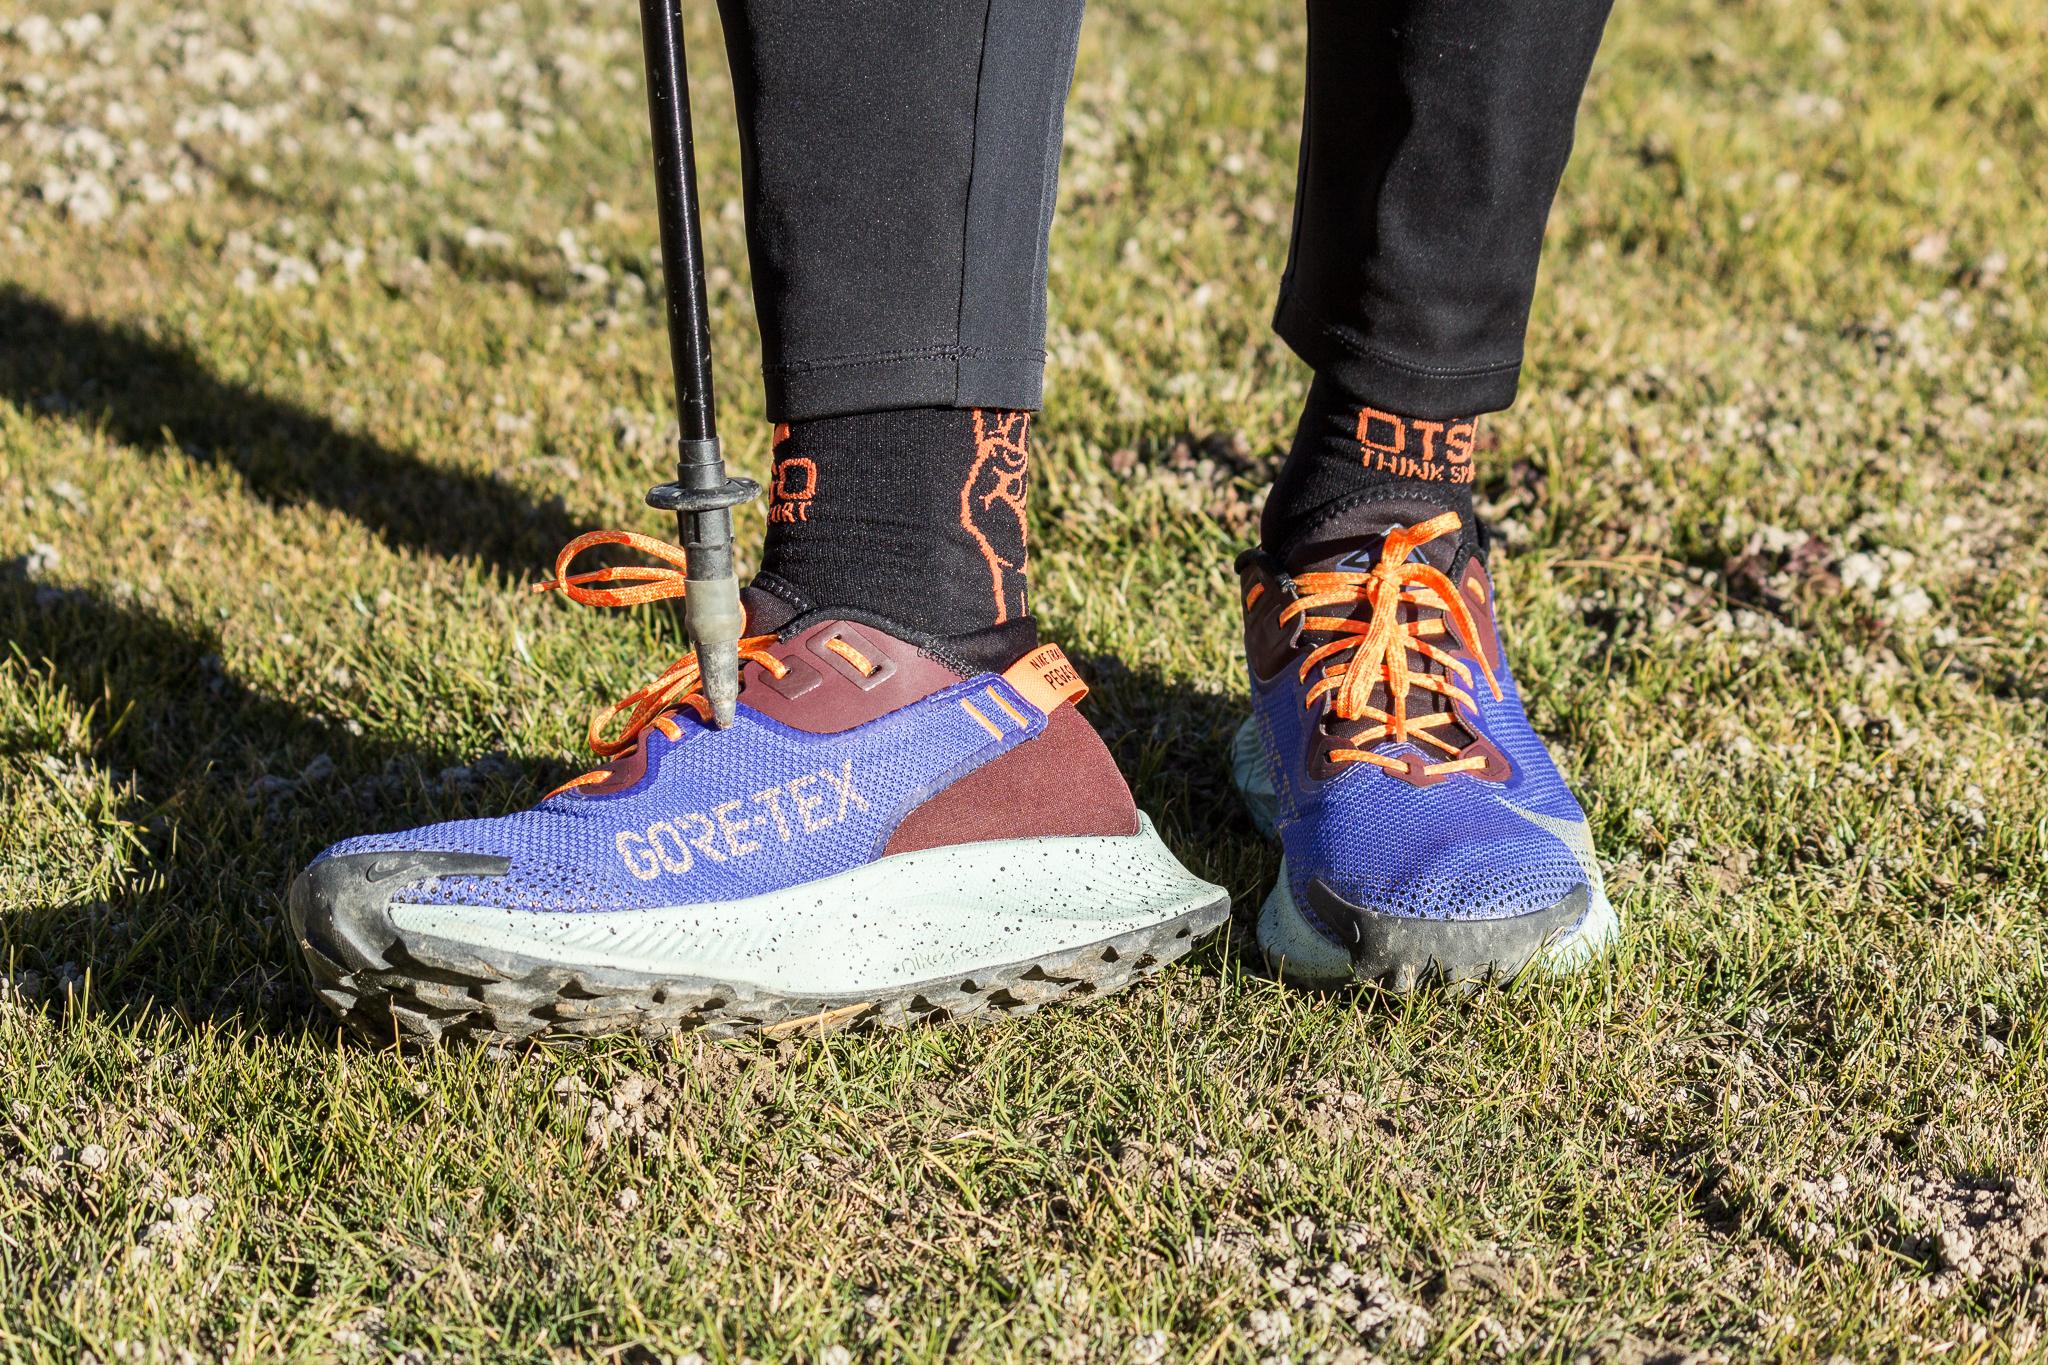 NIke Pegasus Trail 2 GORE-TEX Invisible Fit è una delle migliori calzature 2020 in assoluto